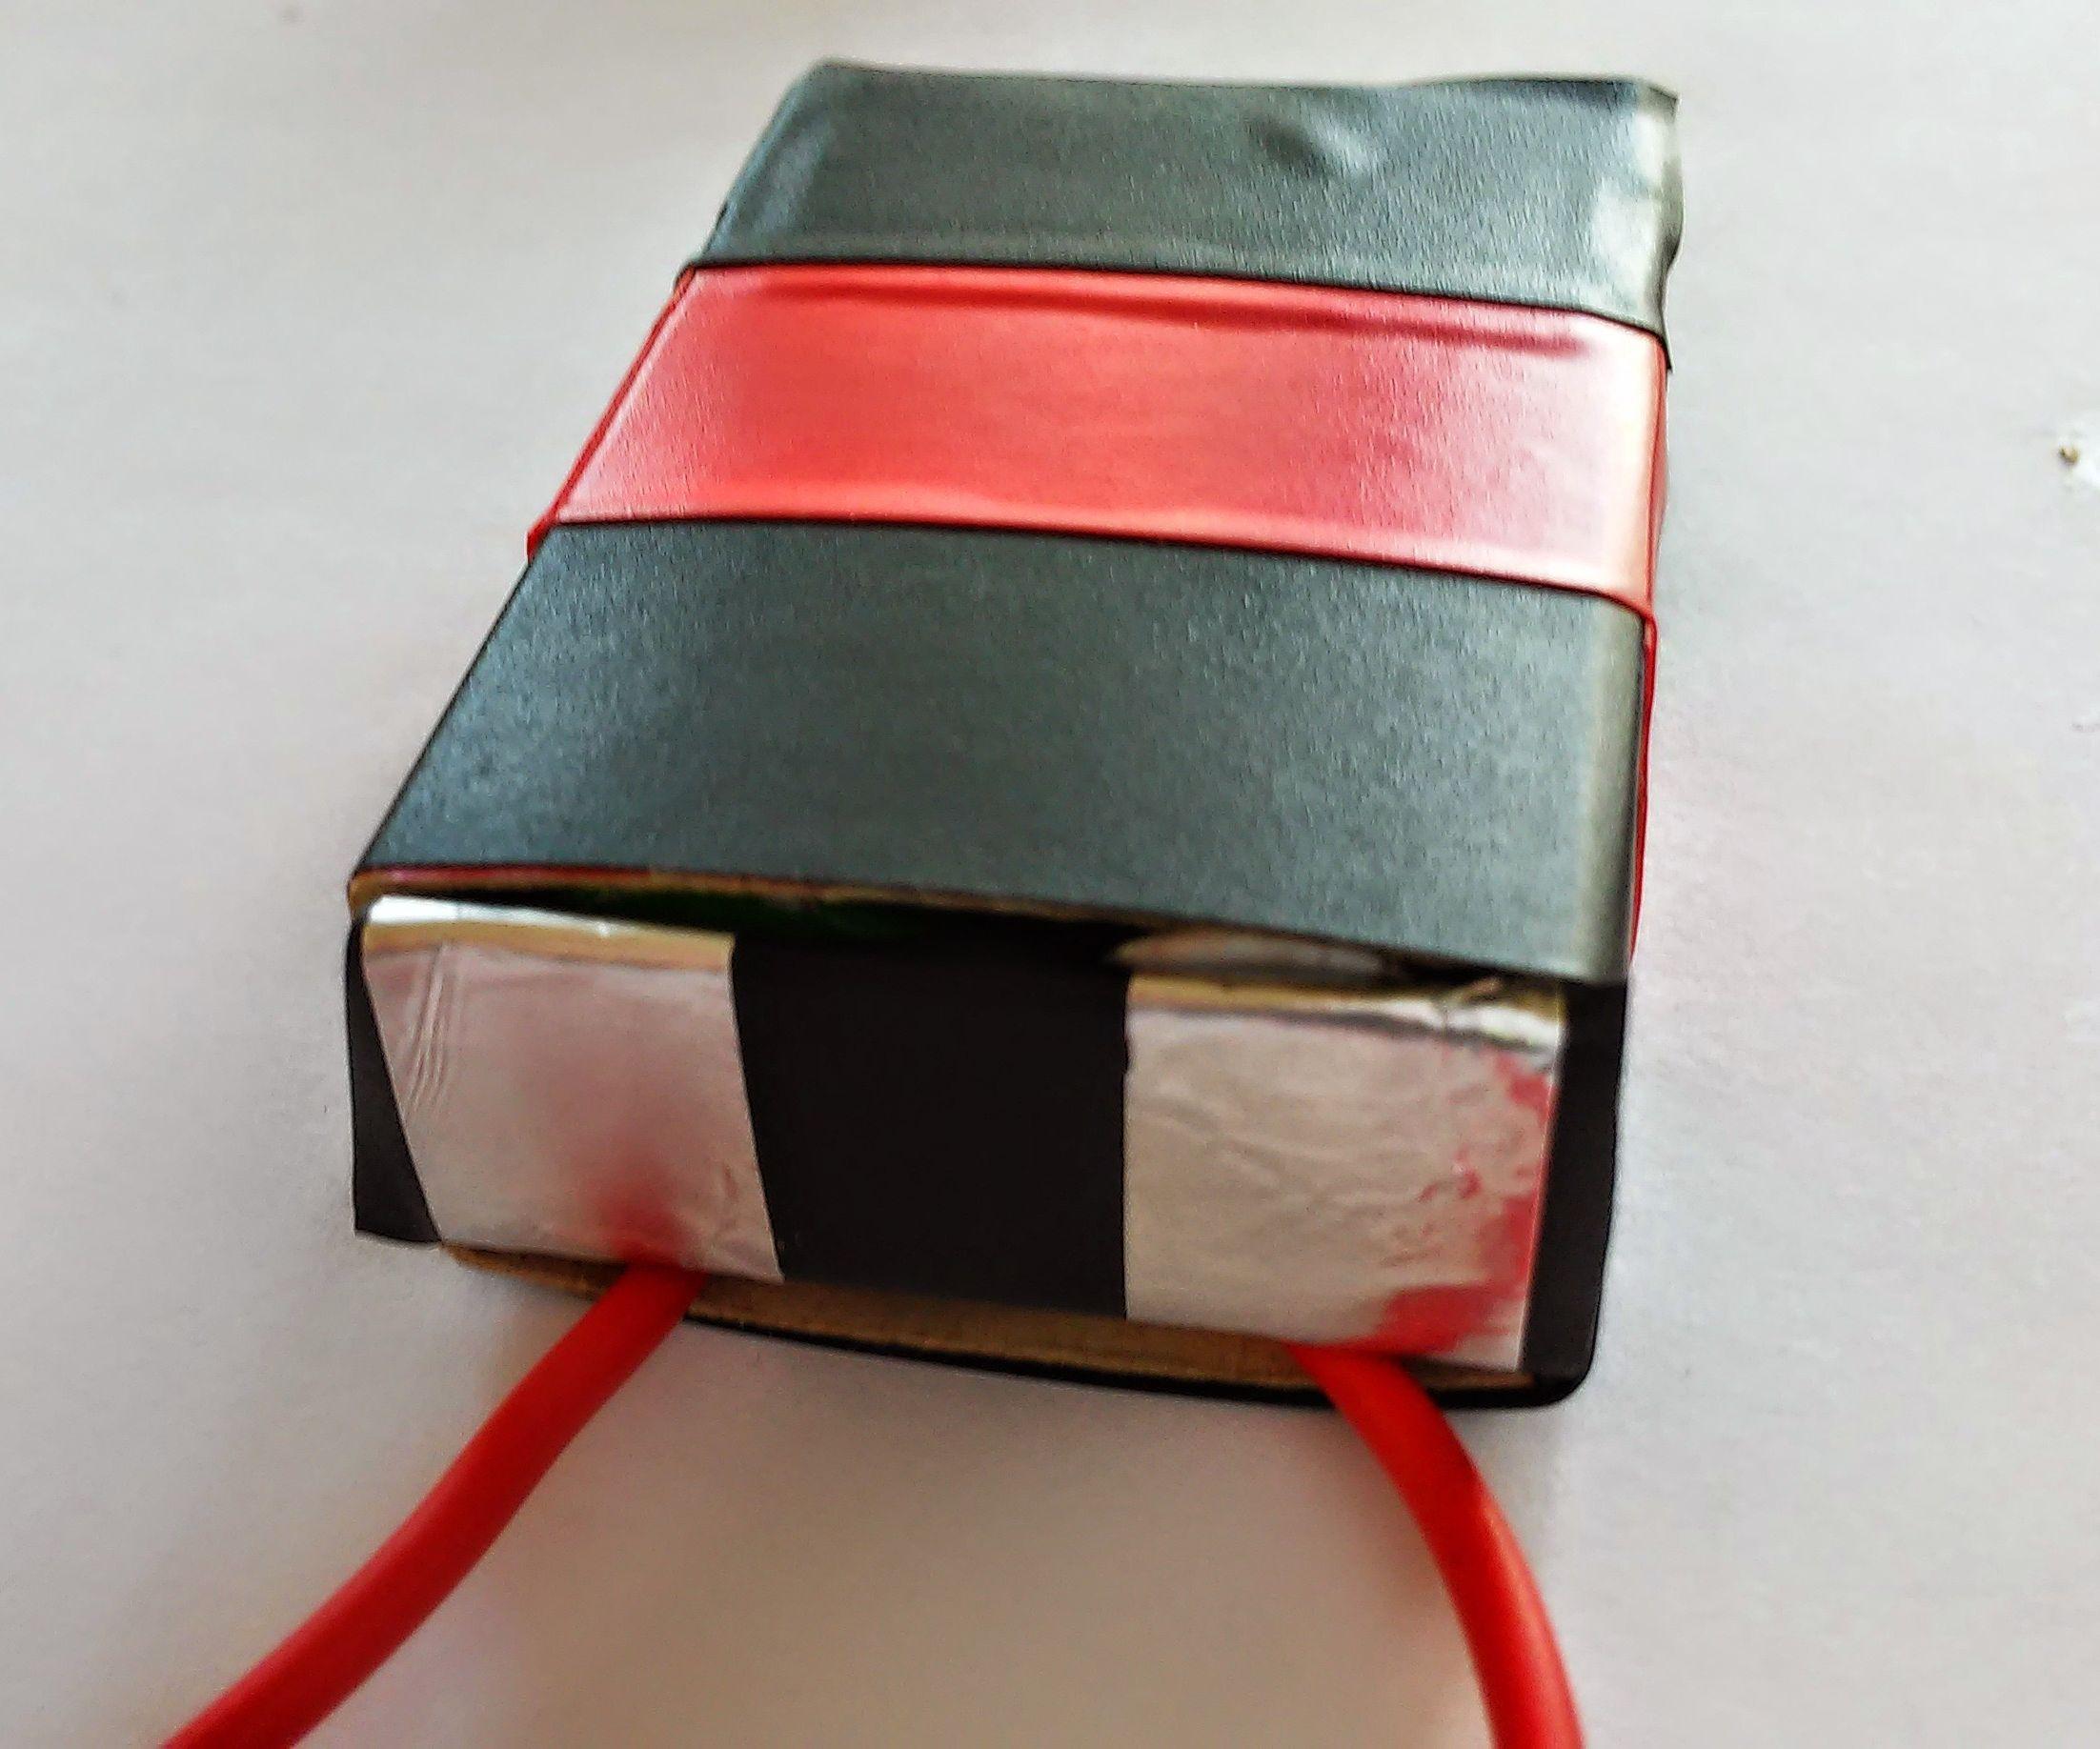 D.I.Y Matchbox Battery Holder